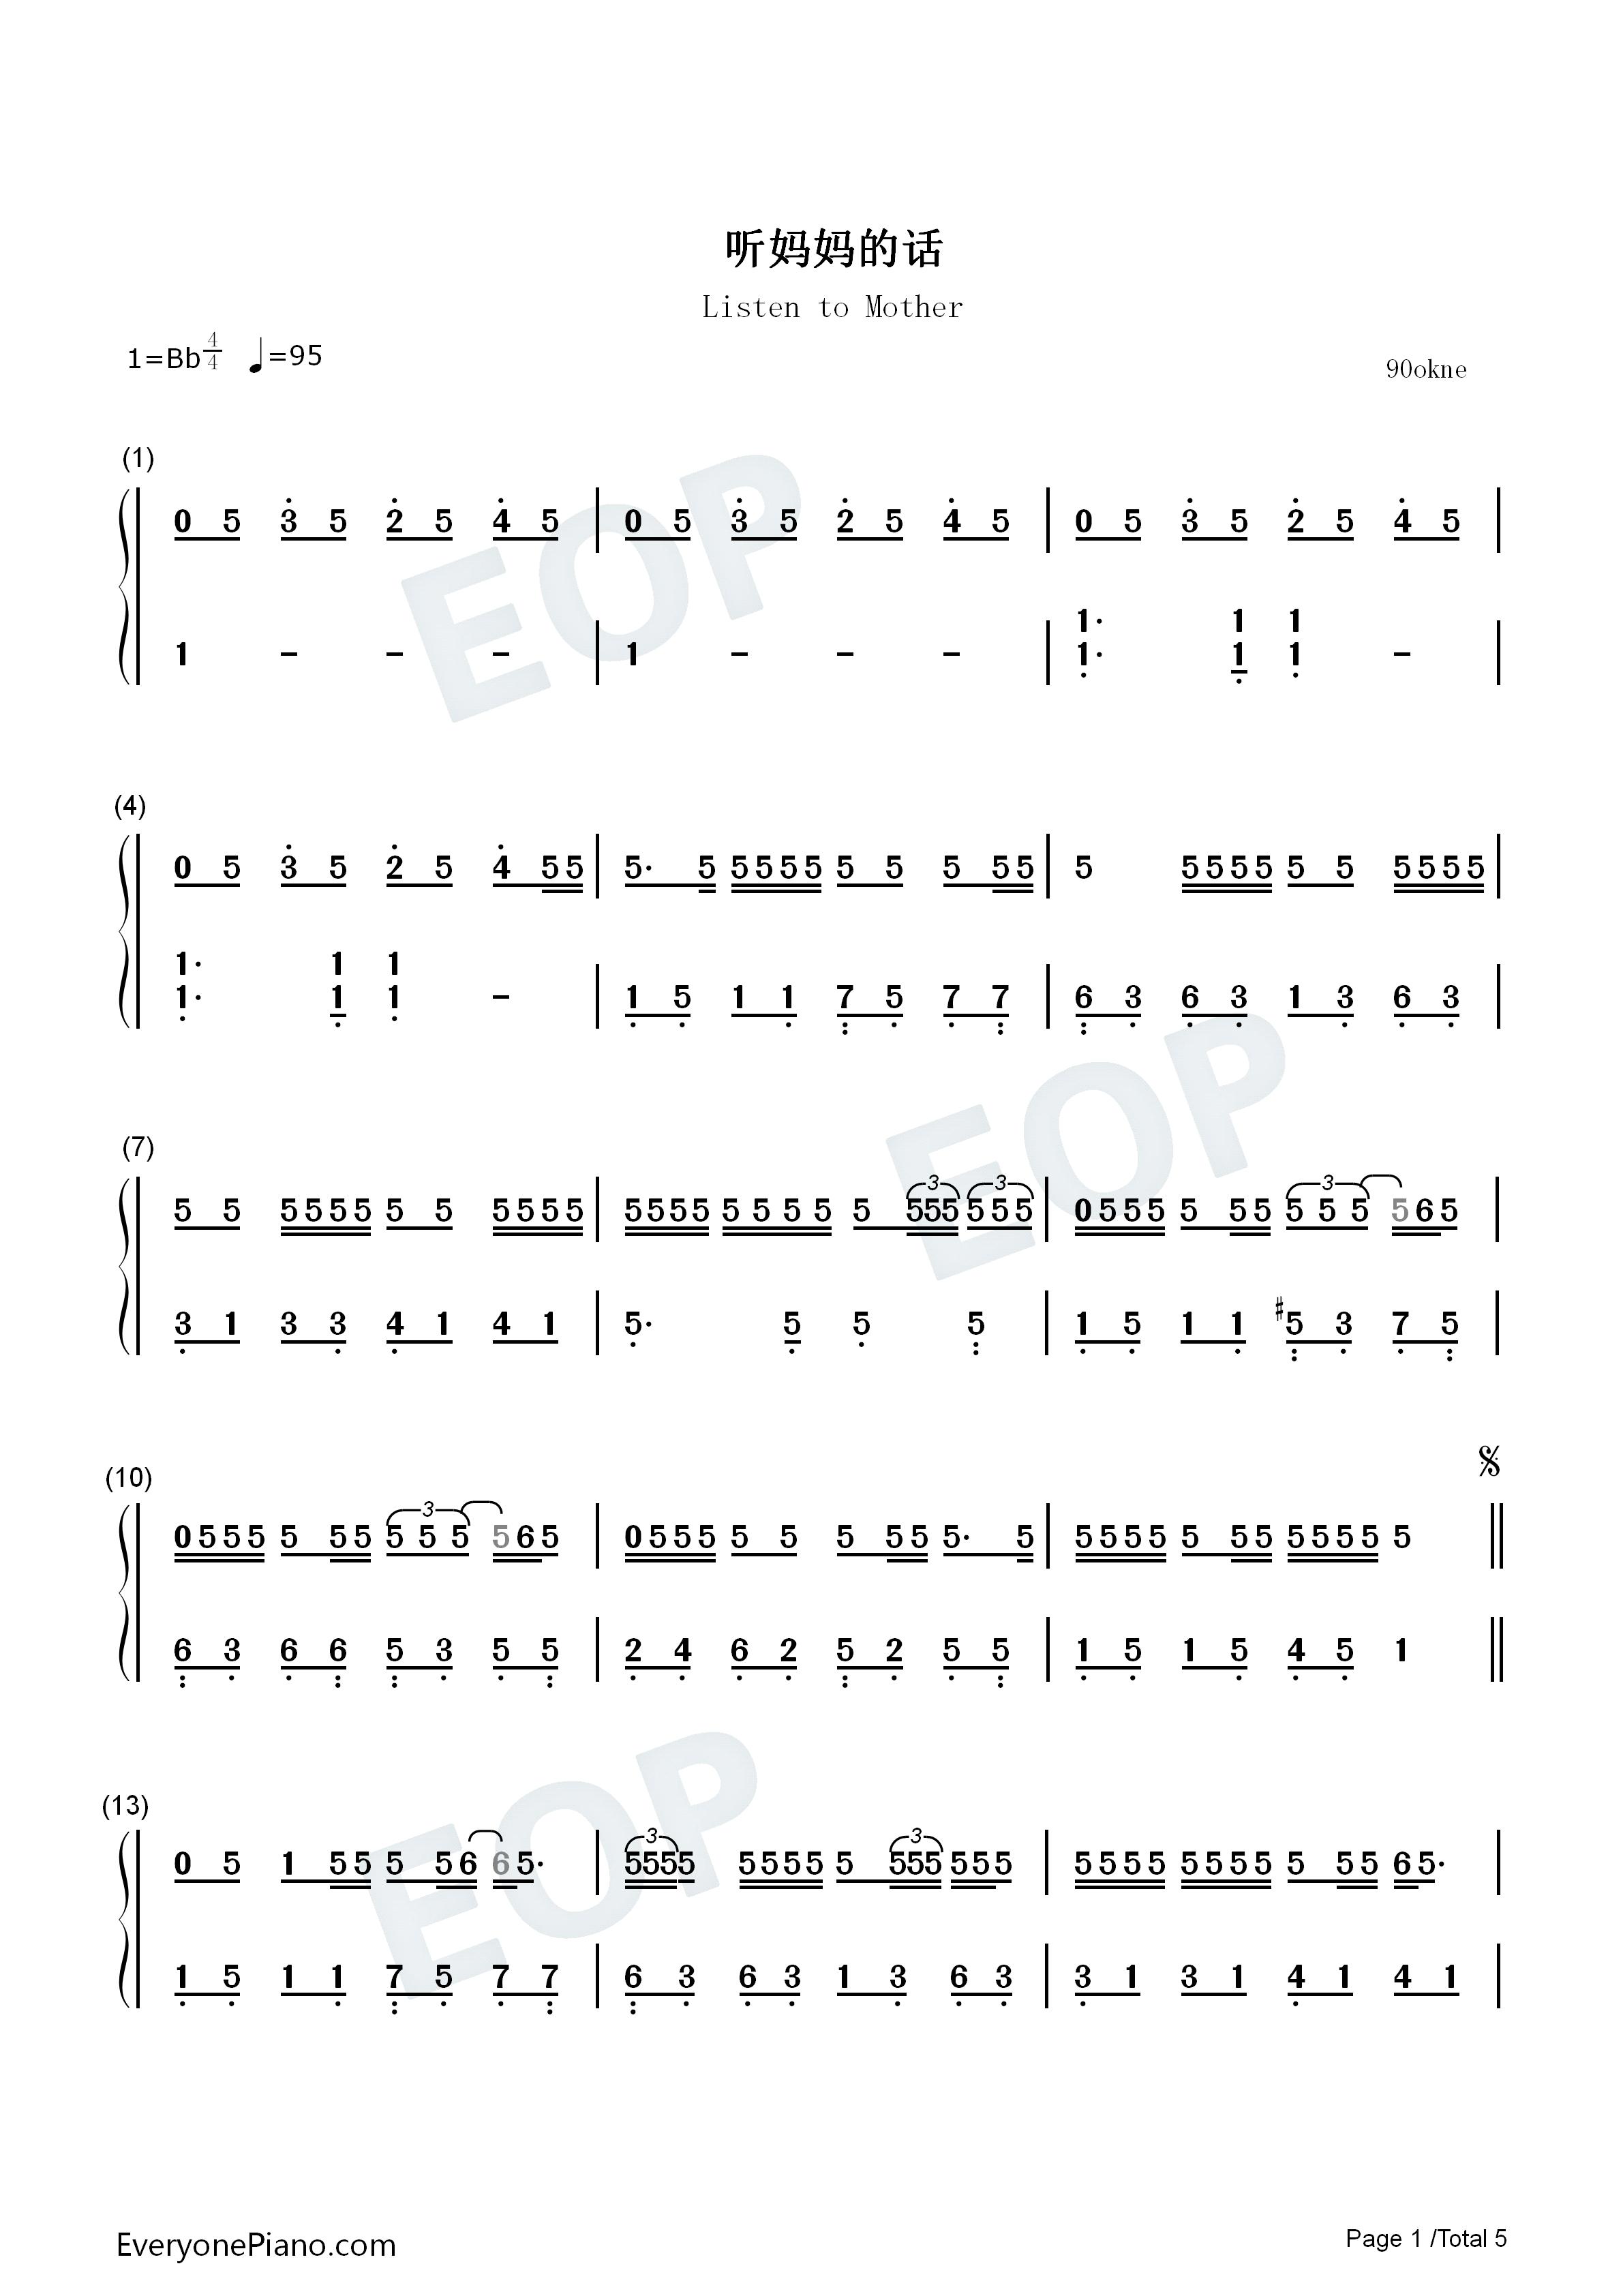 钢琴曲谱 流行 听妈妈的话 听妈妈的话双手简谱预览1  }  仅供学习